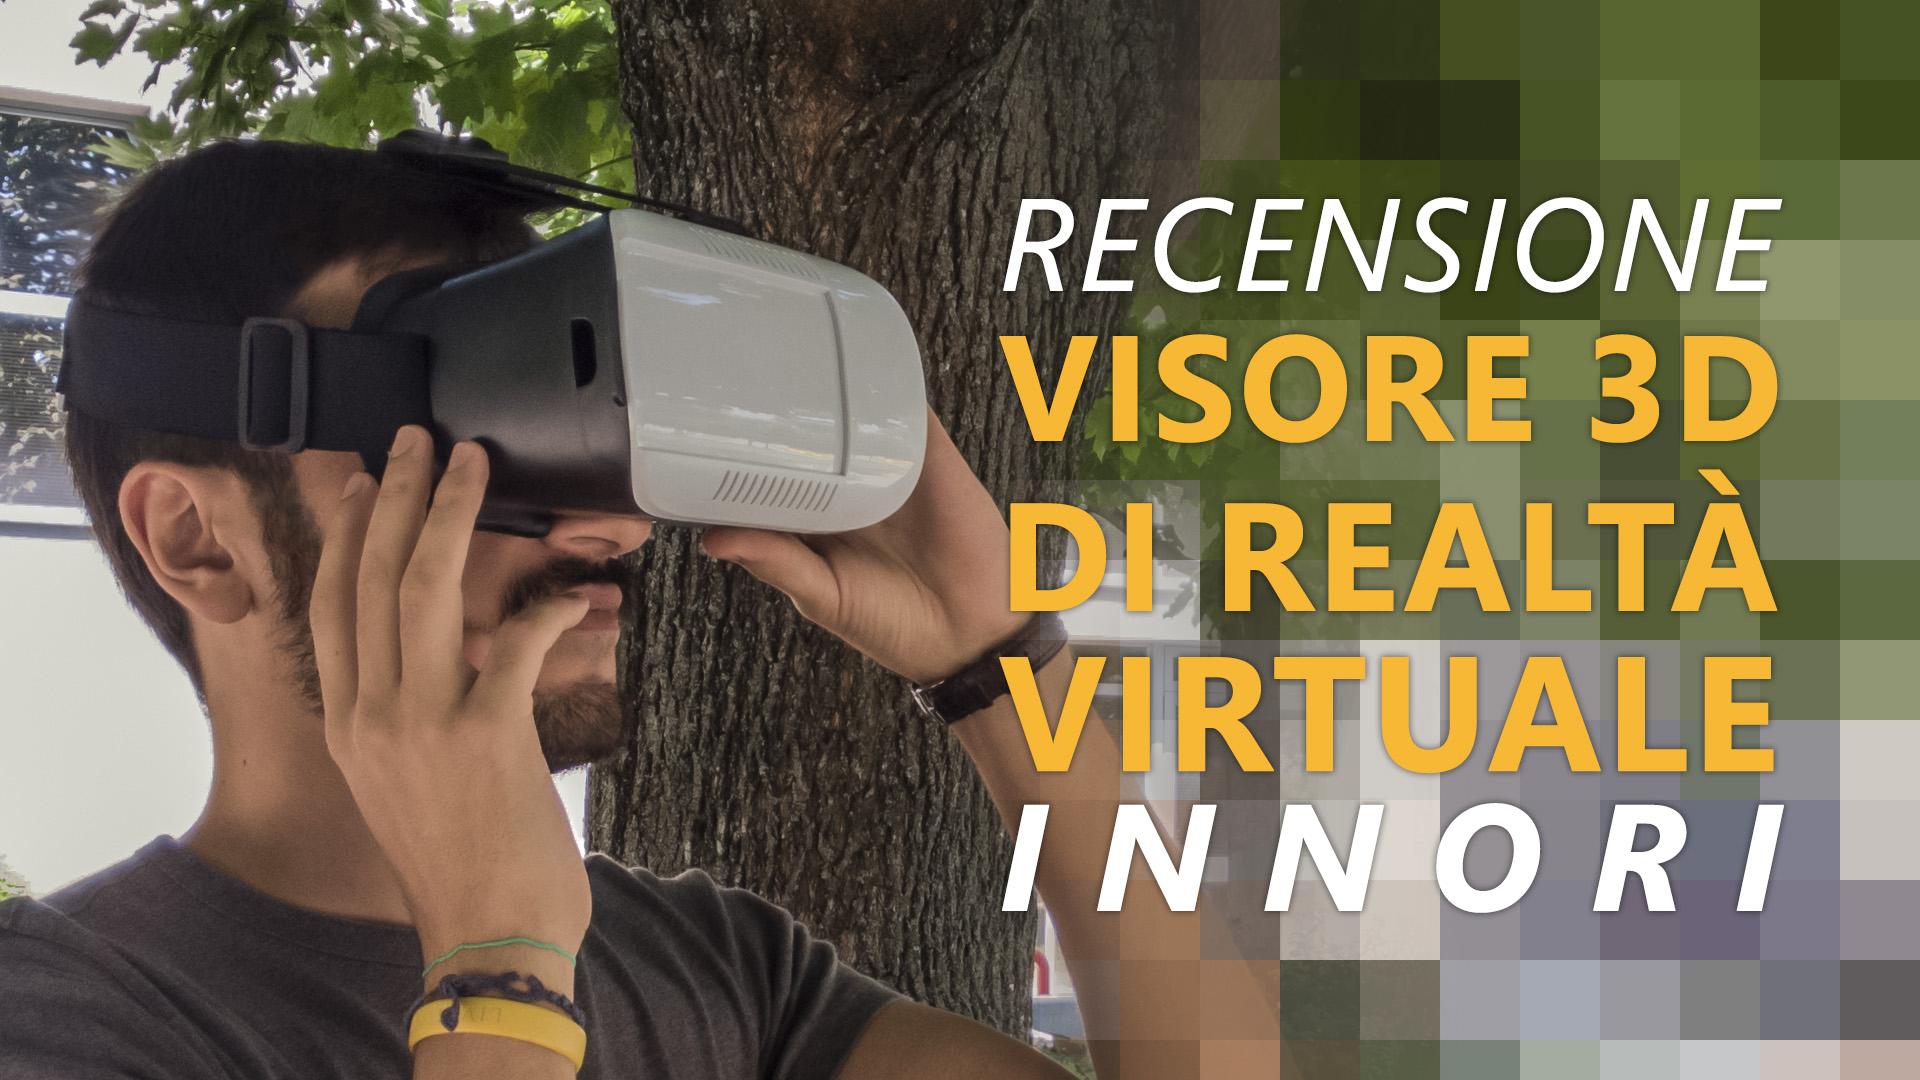 Innori 3D Visore Realta Aumentata Virtuale